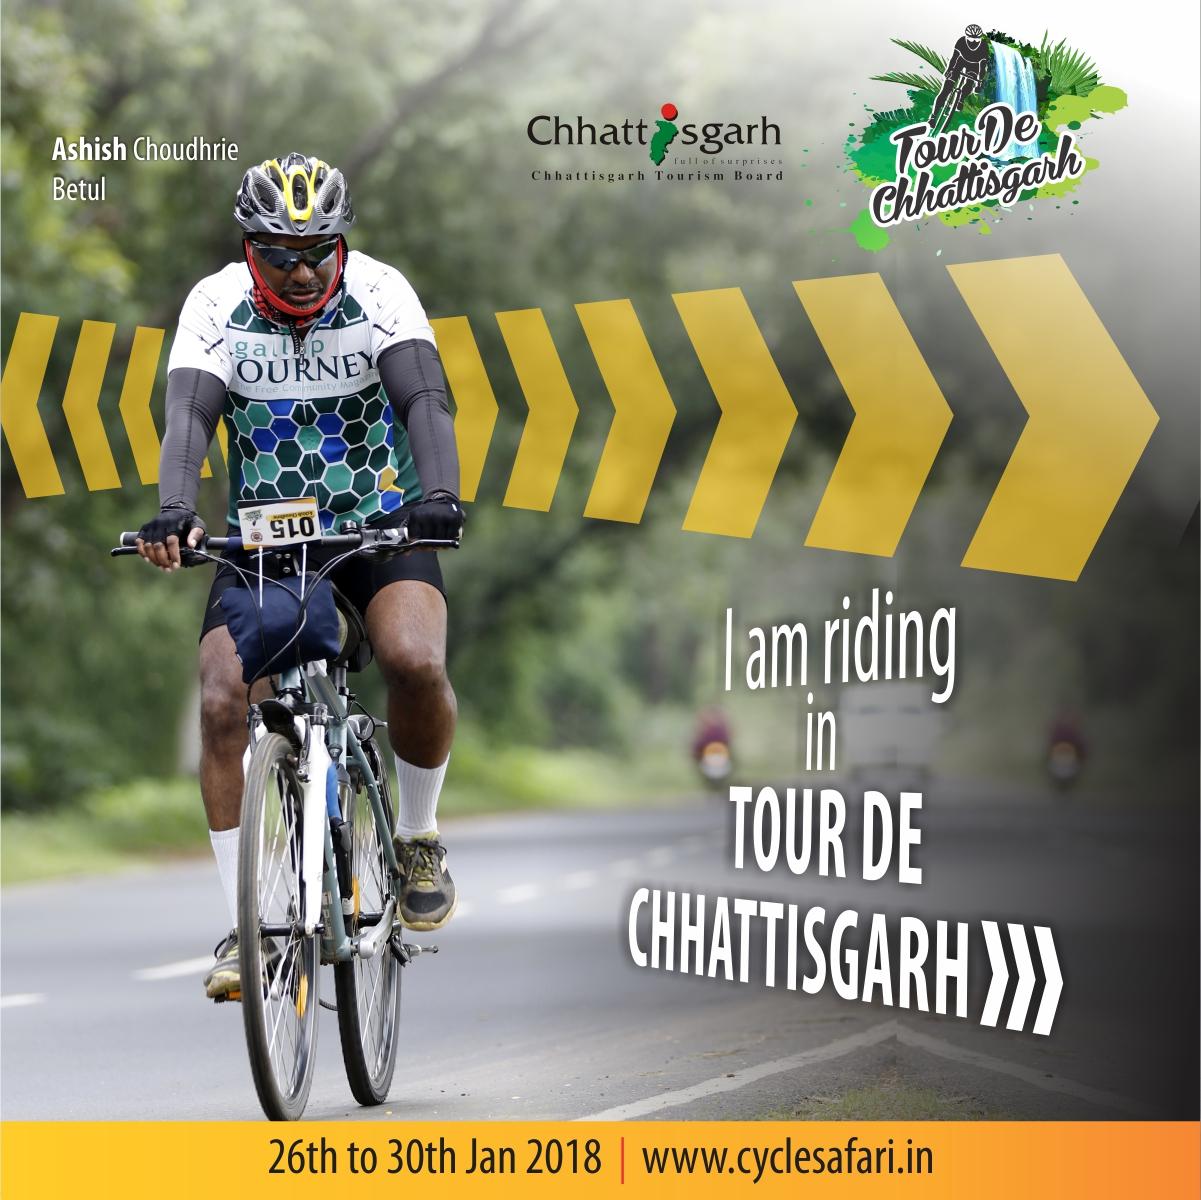 Ashish Choudhrie